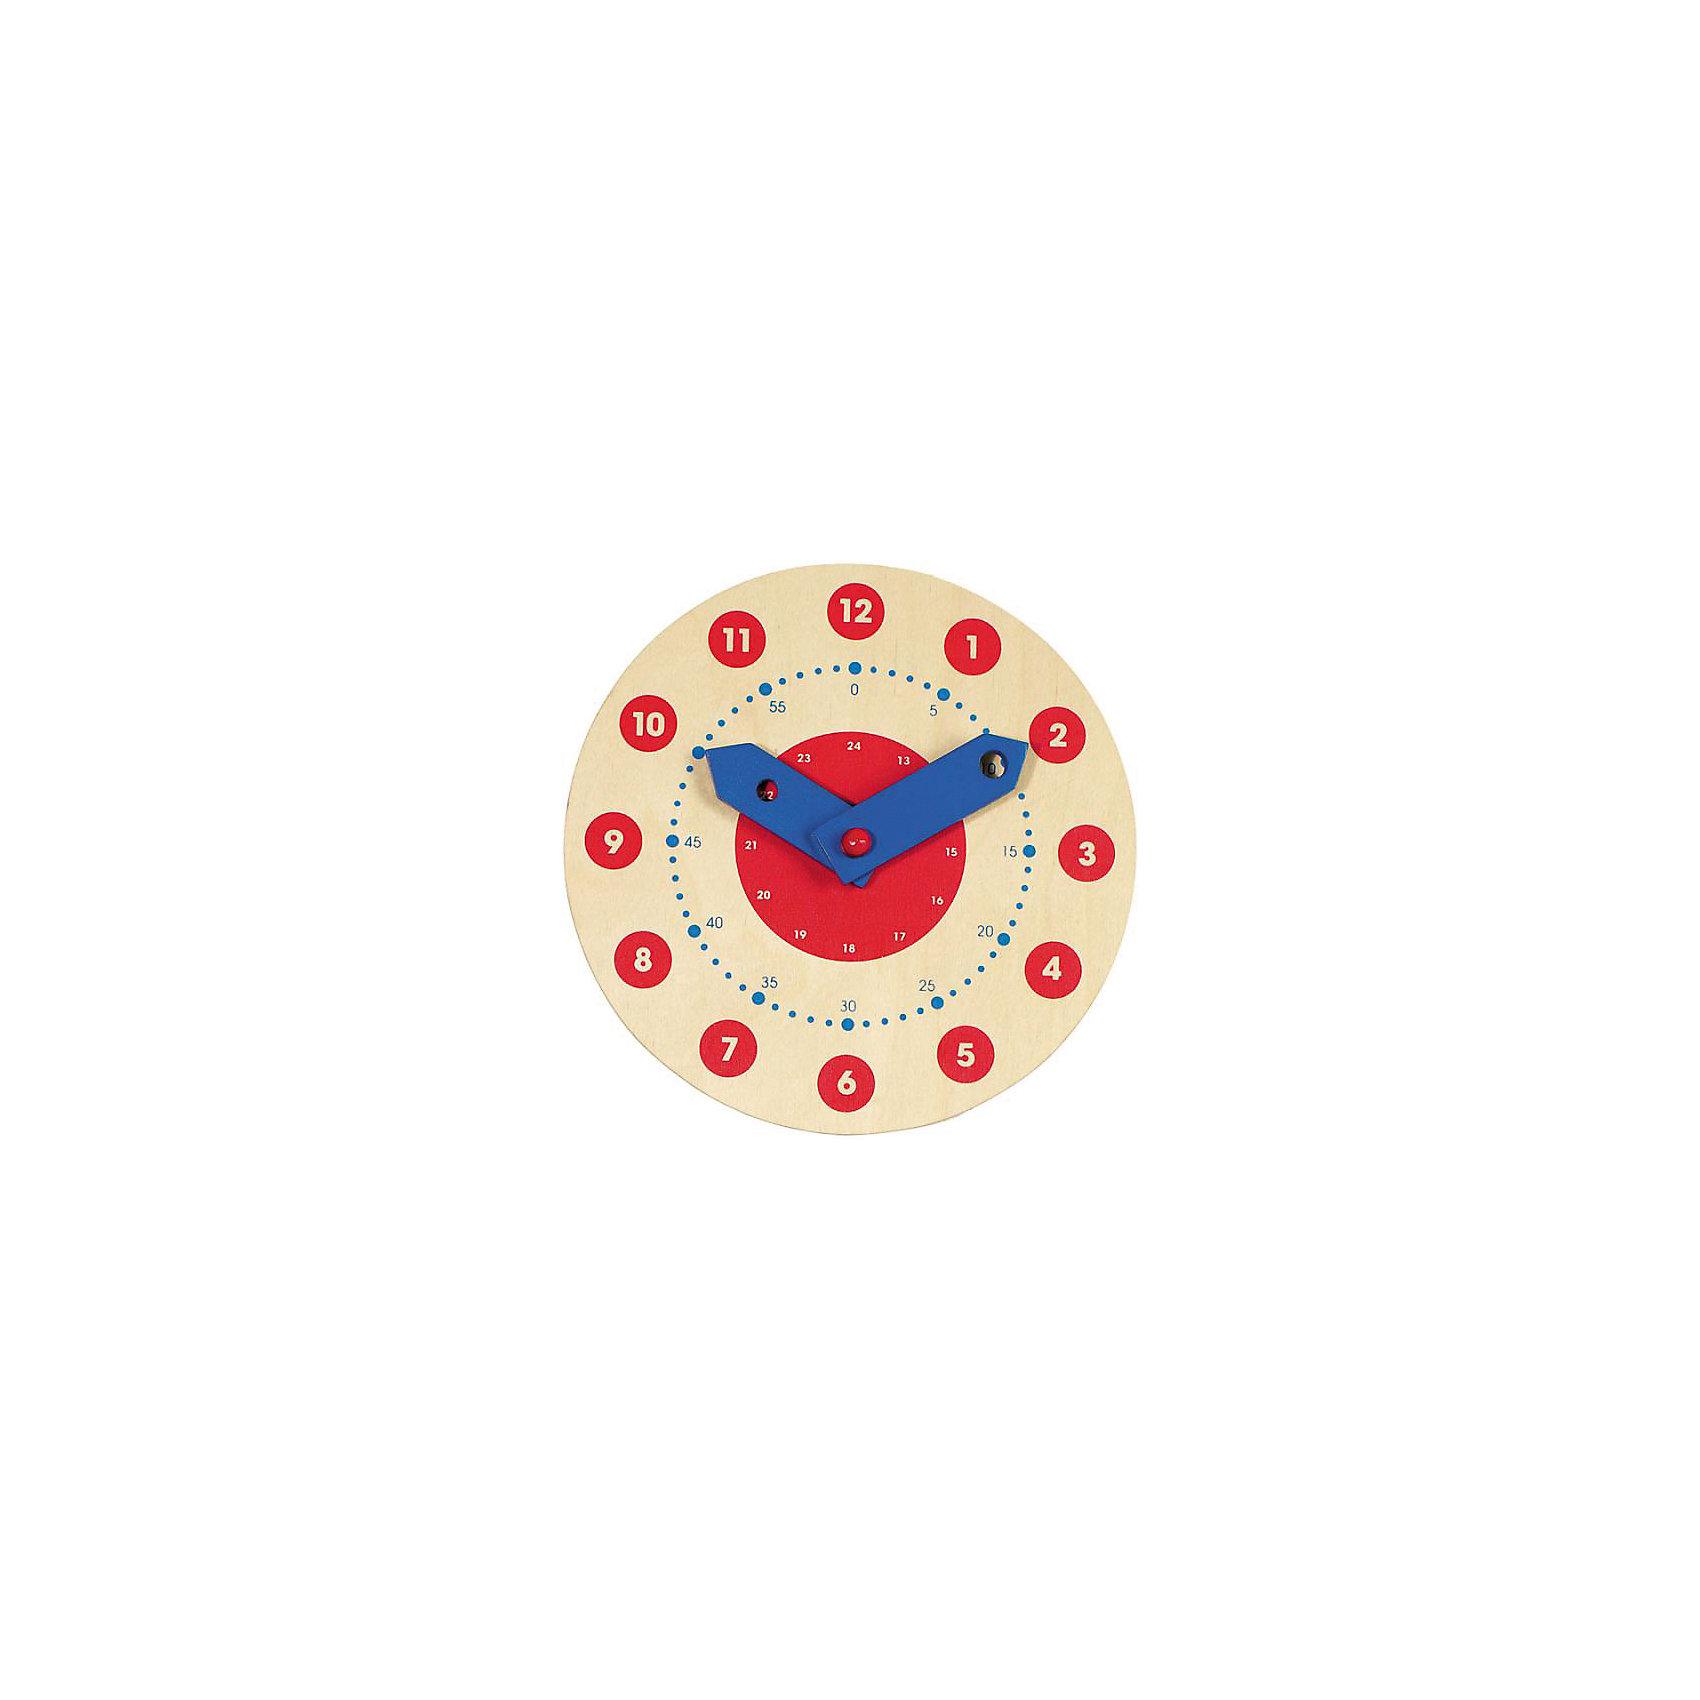 Часы для обучения (малые), gokiРазвивающие игрушки<br>Яркие часы помогут малышу выучить цифры и научат ориентироваться по стрелкам. Игрушка изготовлена из натурального дерева, не имеет острых углов, раскрашен безопасными для детей красителями.  <br><br>Дополнительная информация:<br><br>- Материал: дерево.<br>- Подвижные стрелки.<br>- Диаметр: 11 см. <br><br>Часы для обучения (малые), goki (Гоки) можно купить в нашем магазине.<br><br>Ширина мм: 180<br>Глубина мм: 180<br>Высота мм: 20<br>Вес г: 200<br>Возраст от месяцев: 60<br>Возраст до месяцев: 84<br>Пол: Унисекс<br>Возраст: Детский<br>SKU: 3277212